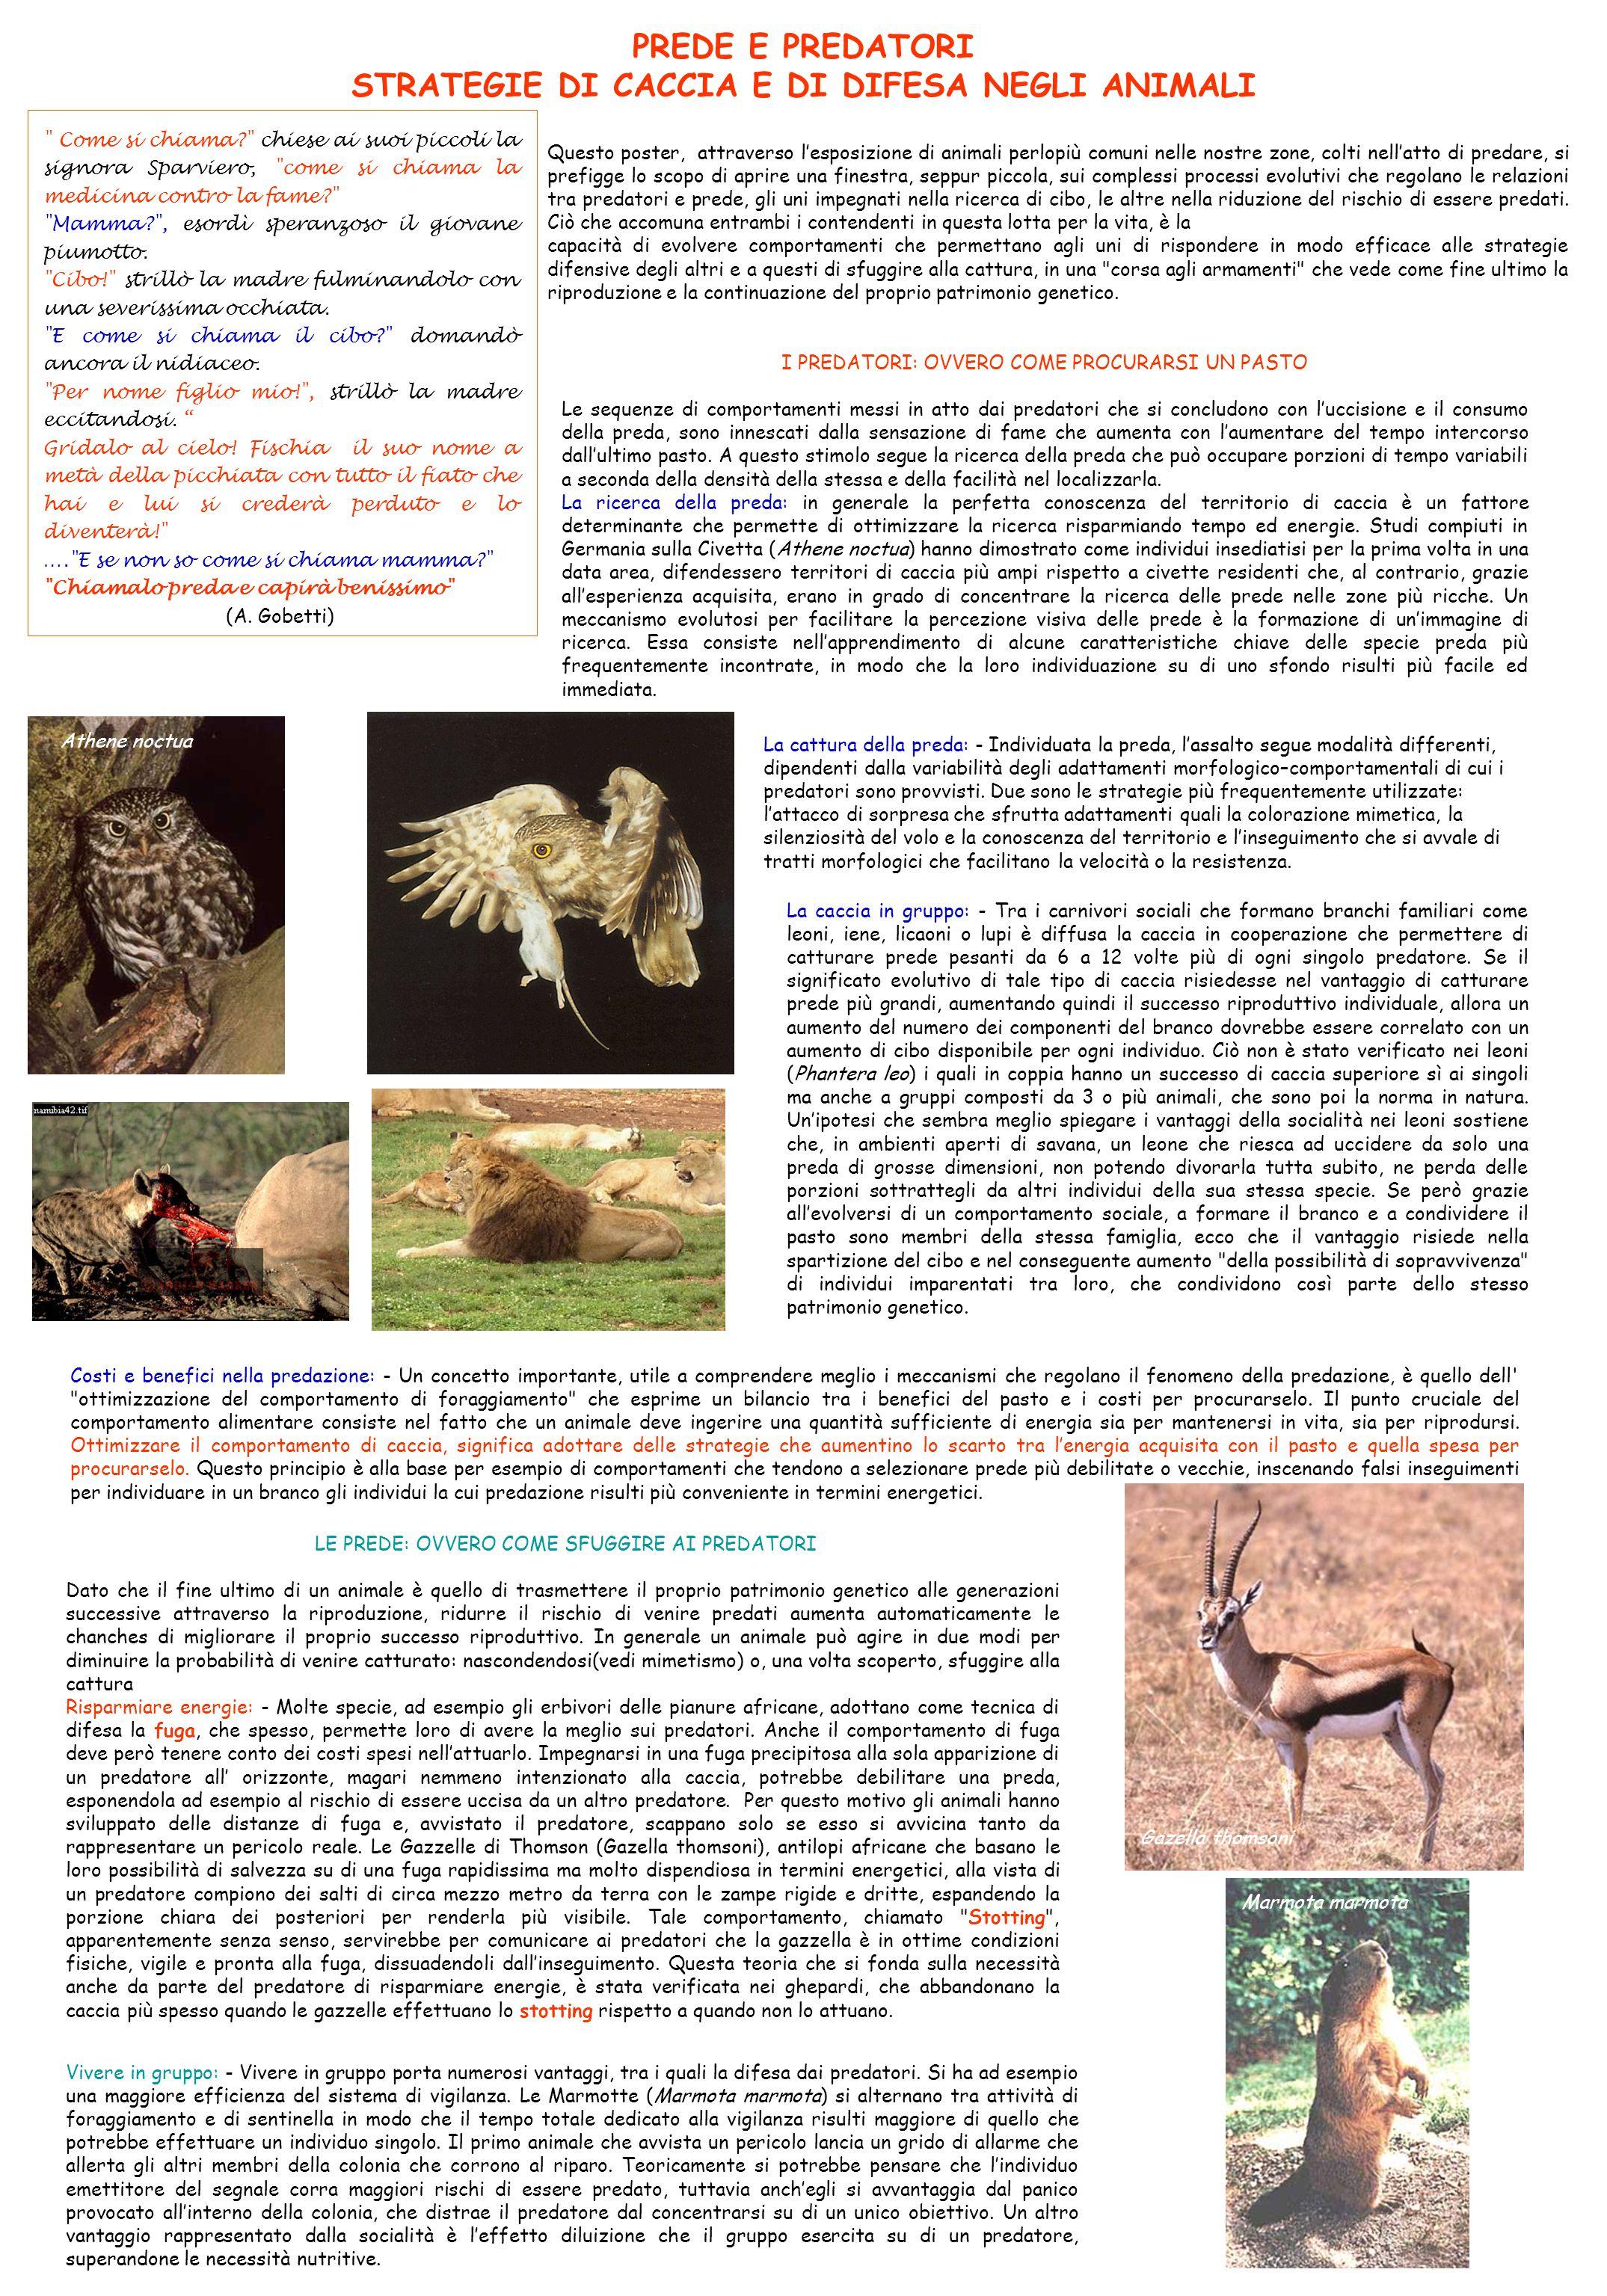 STRATEGIE DI CACCIA E DI DIFESA NEGLI ANIMALI